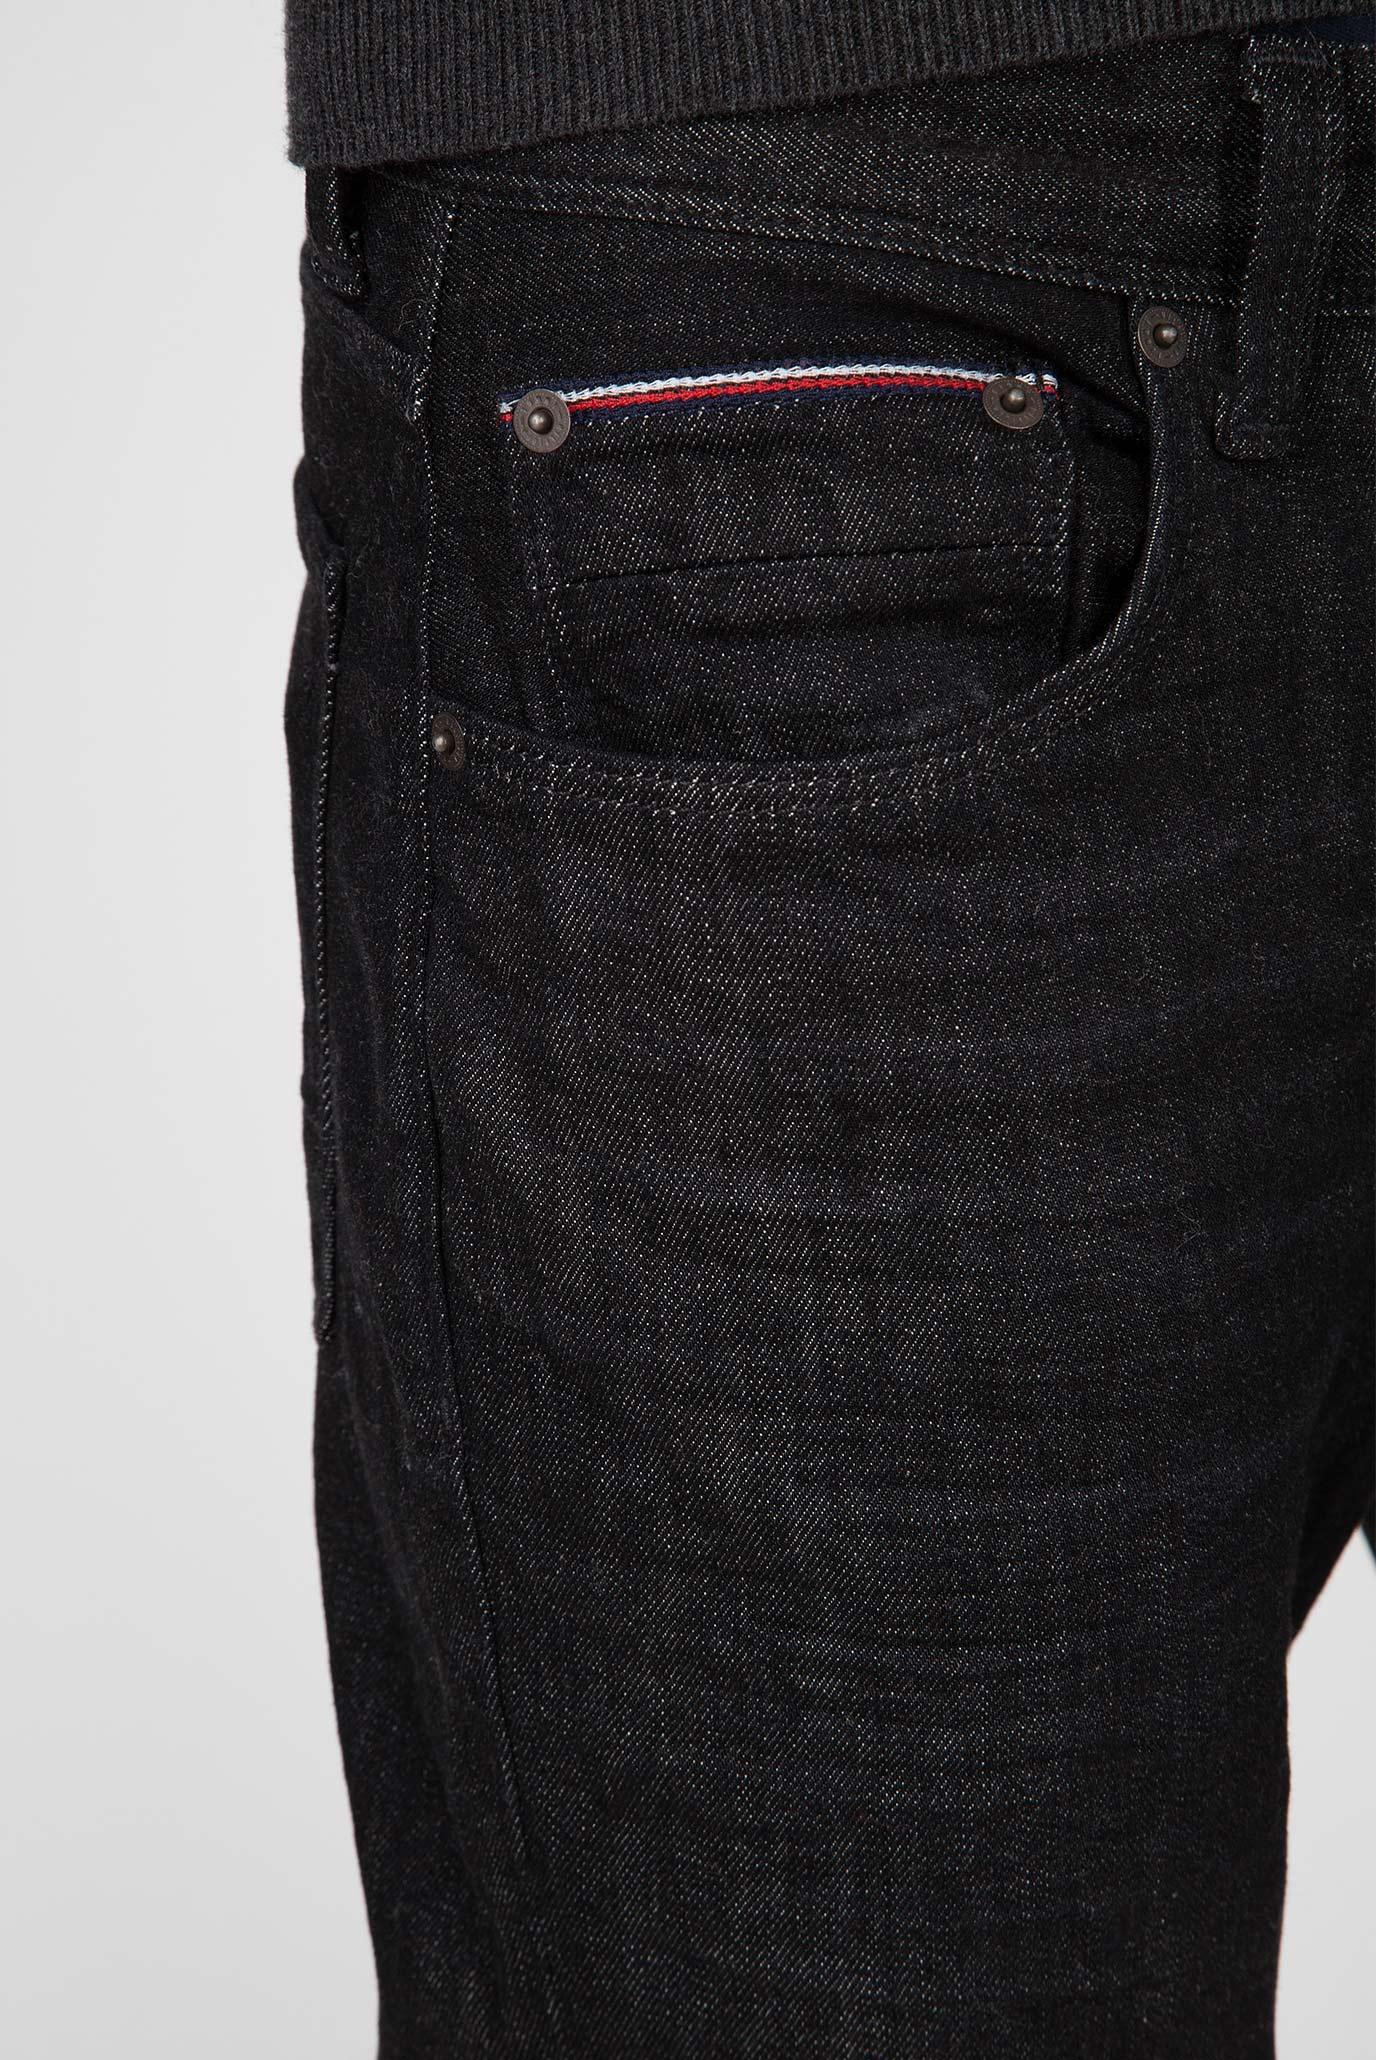 Купить Мужские черные джинсы Tommy Hilfiger Tommy Hilfiger MW0MW08108 – Киев, Украина. Цены в интернет магазине MD Fashion